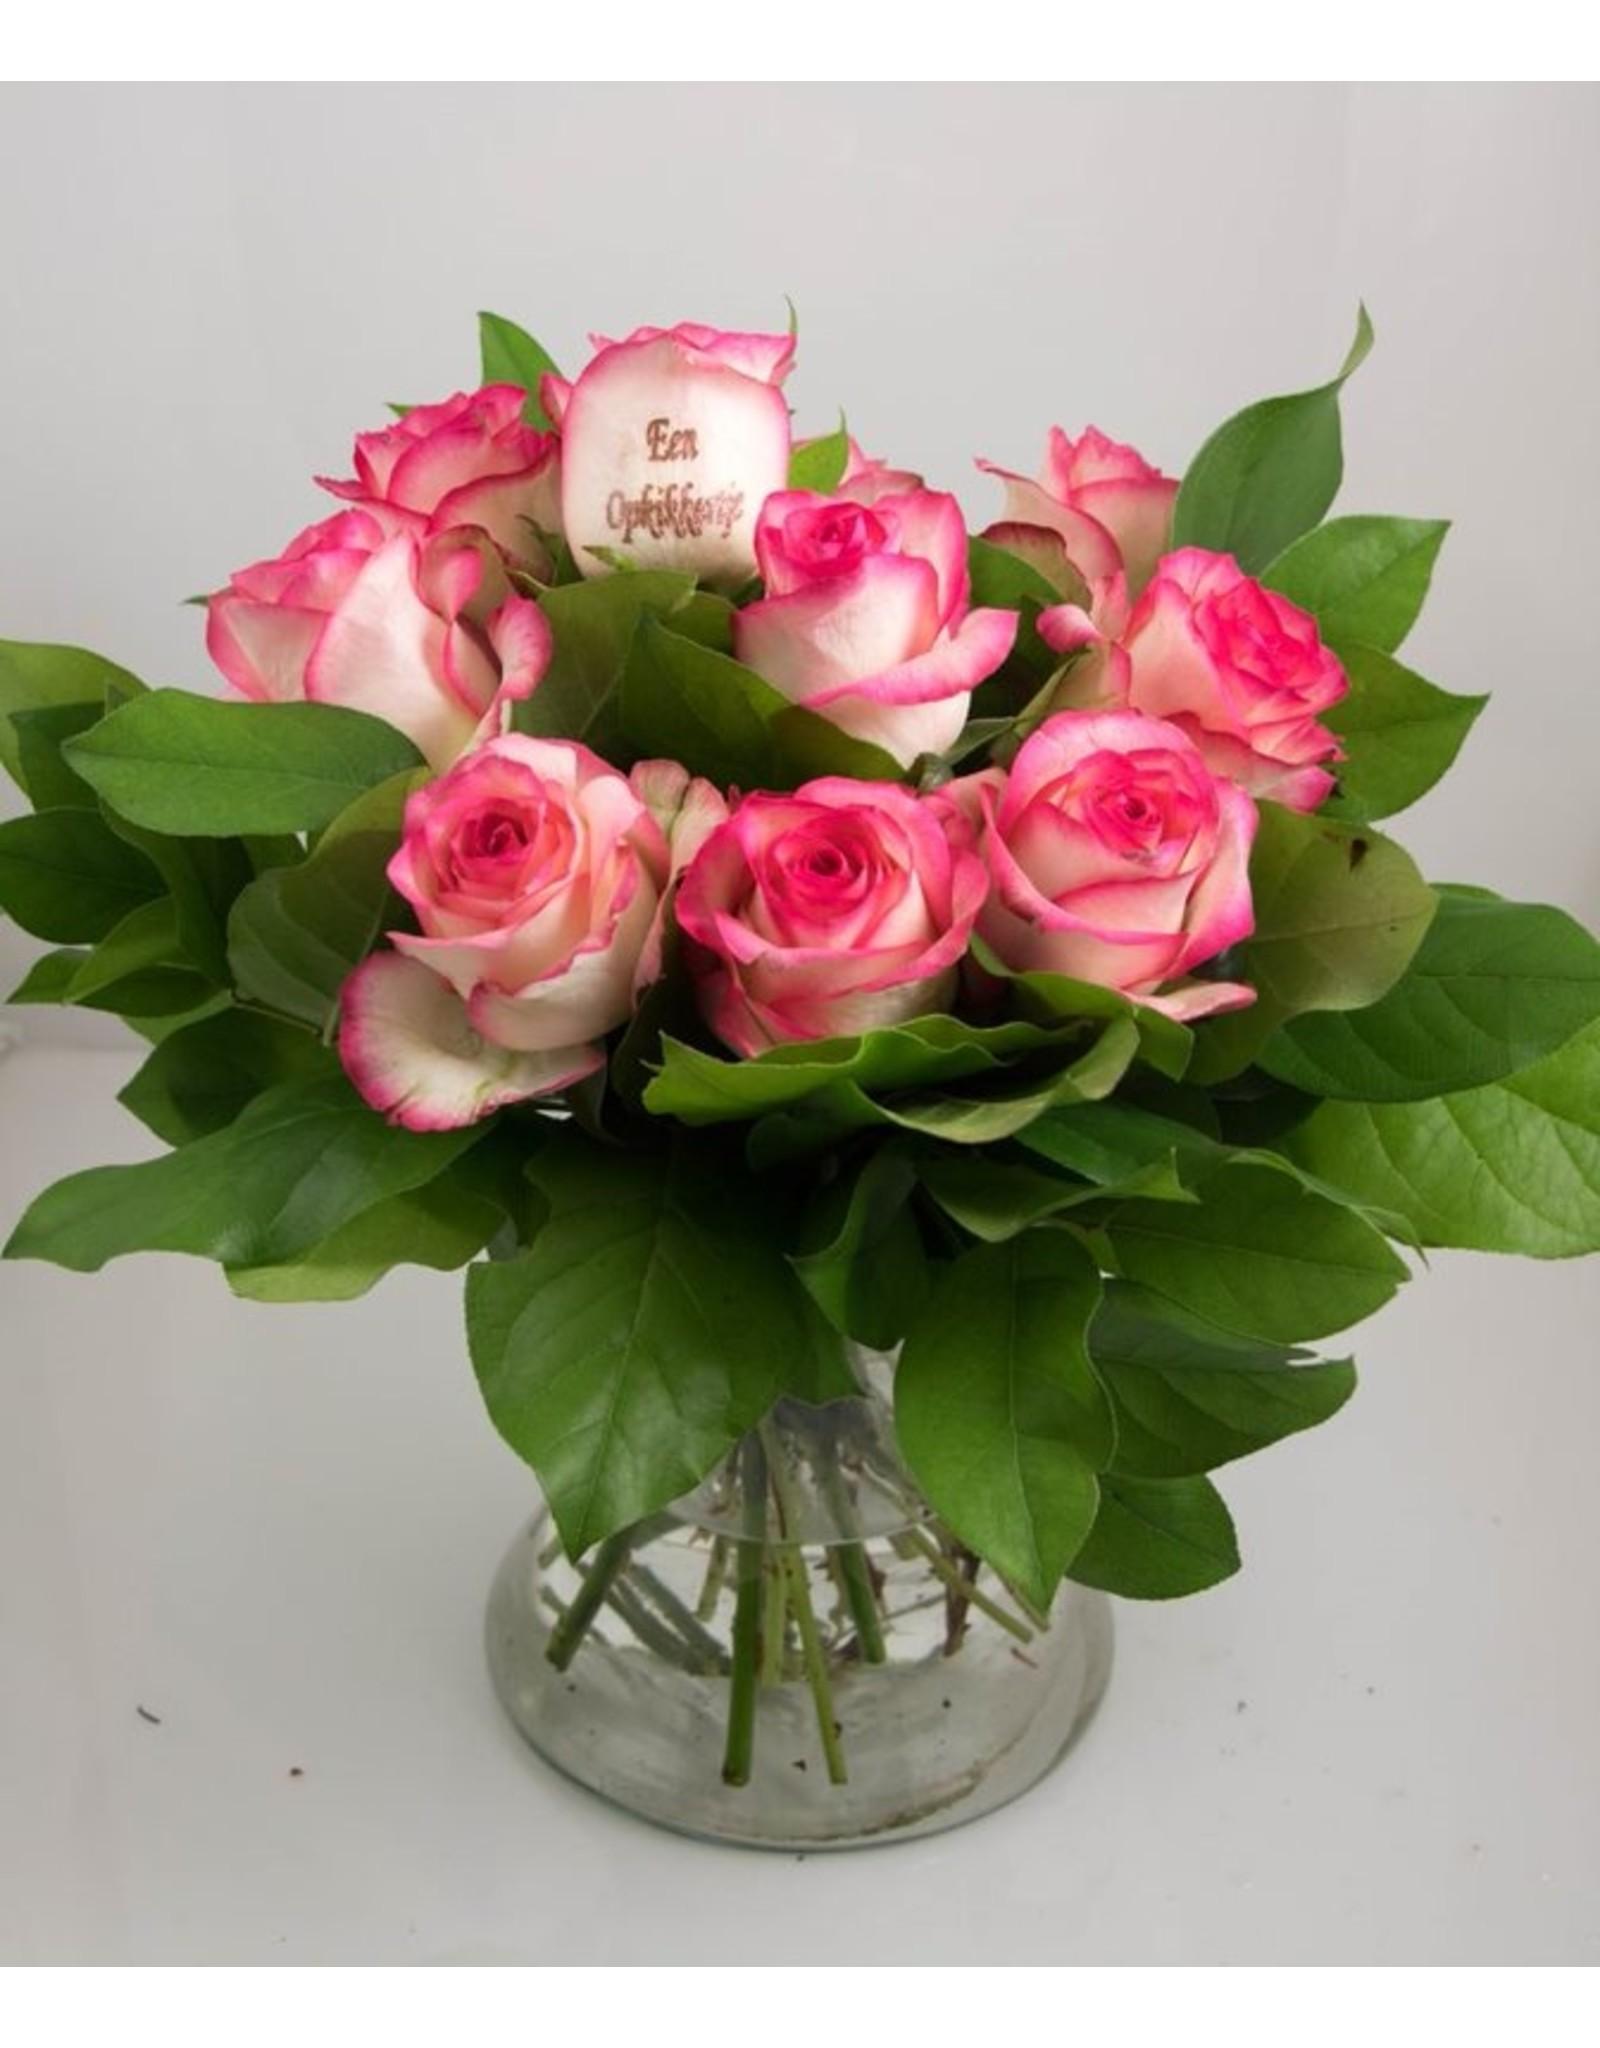 Magic Flowers Boeket 9 rozen - Wit/Roze - Een opkikkertje